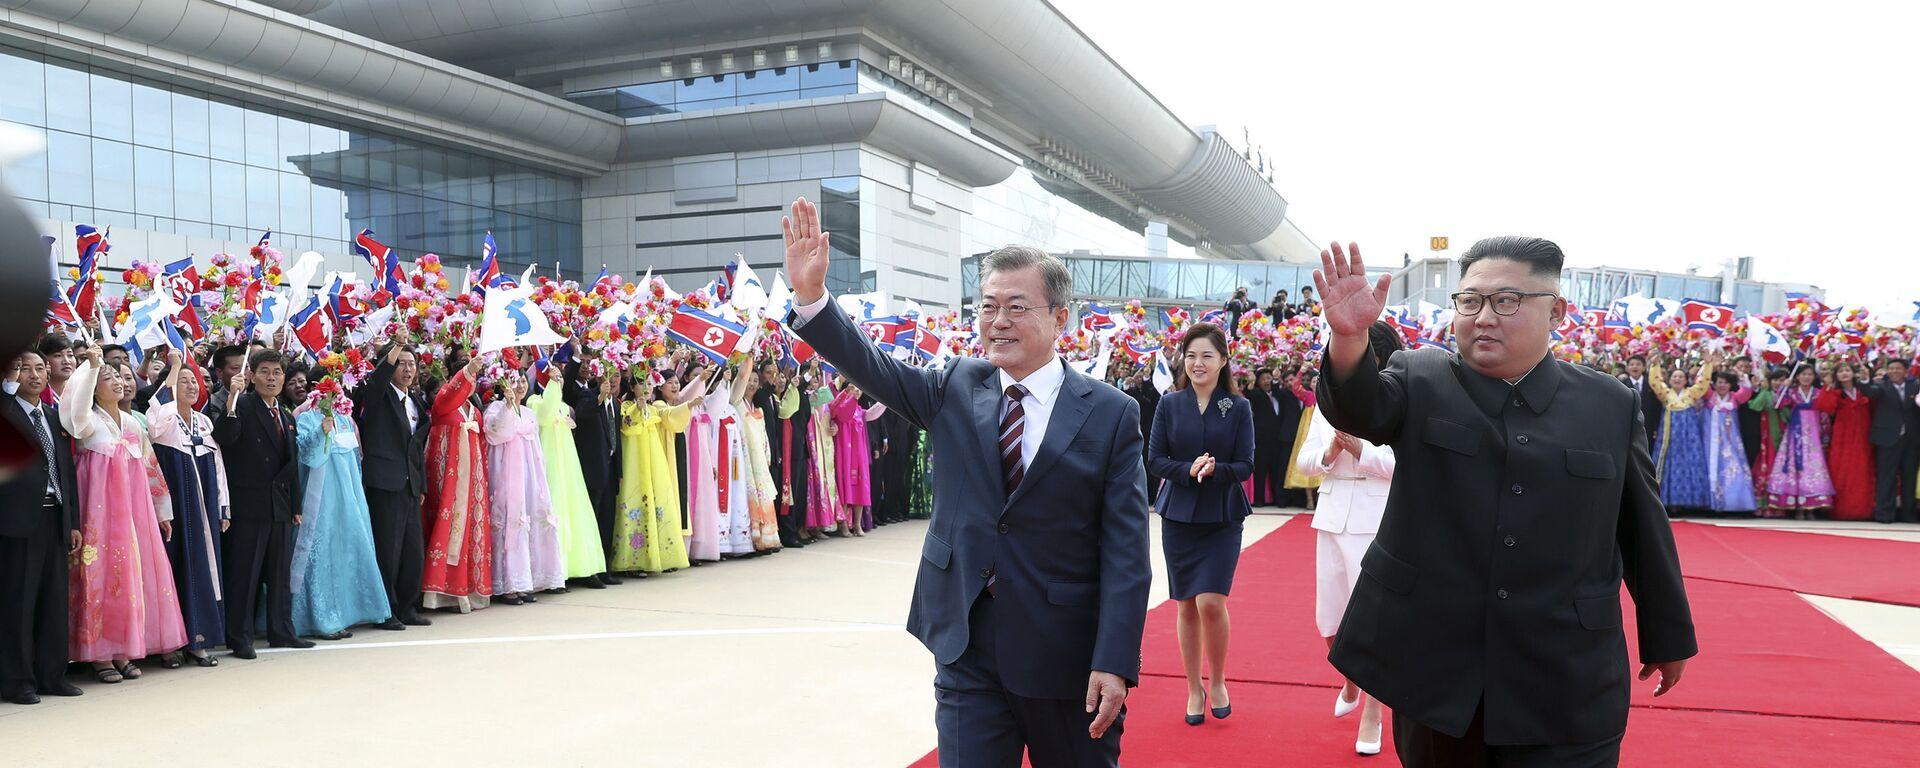 Przywódcy Korei Południowej i Północnej na lotnisku w Pjongjangu  - Sputnik Polska, 1920, 16.03.2021